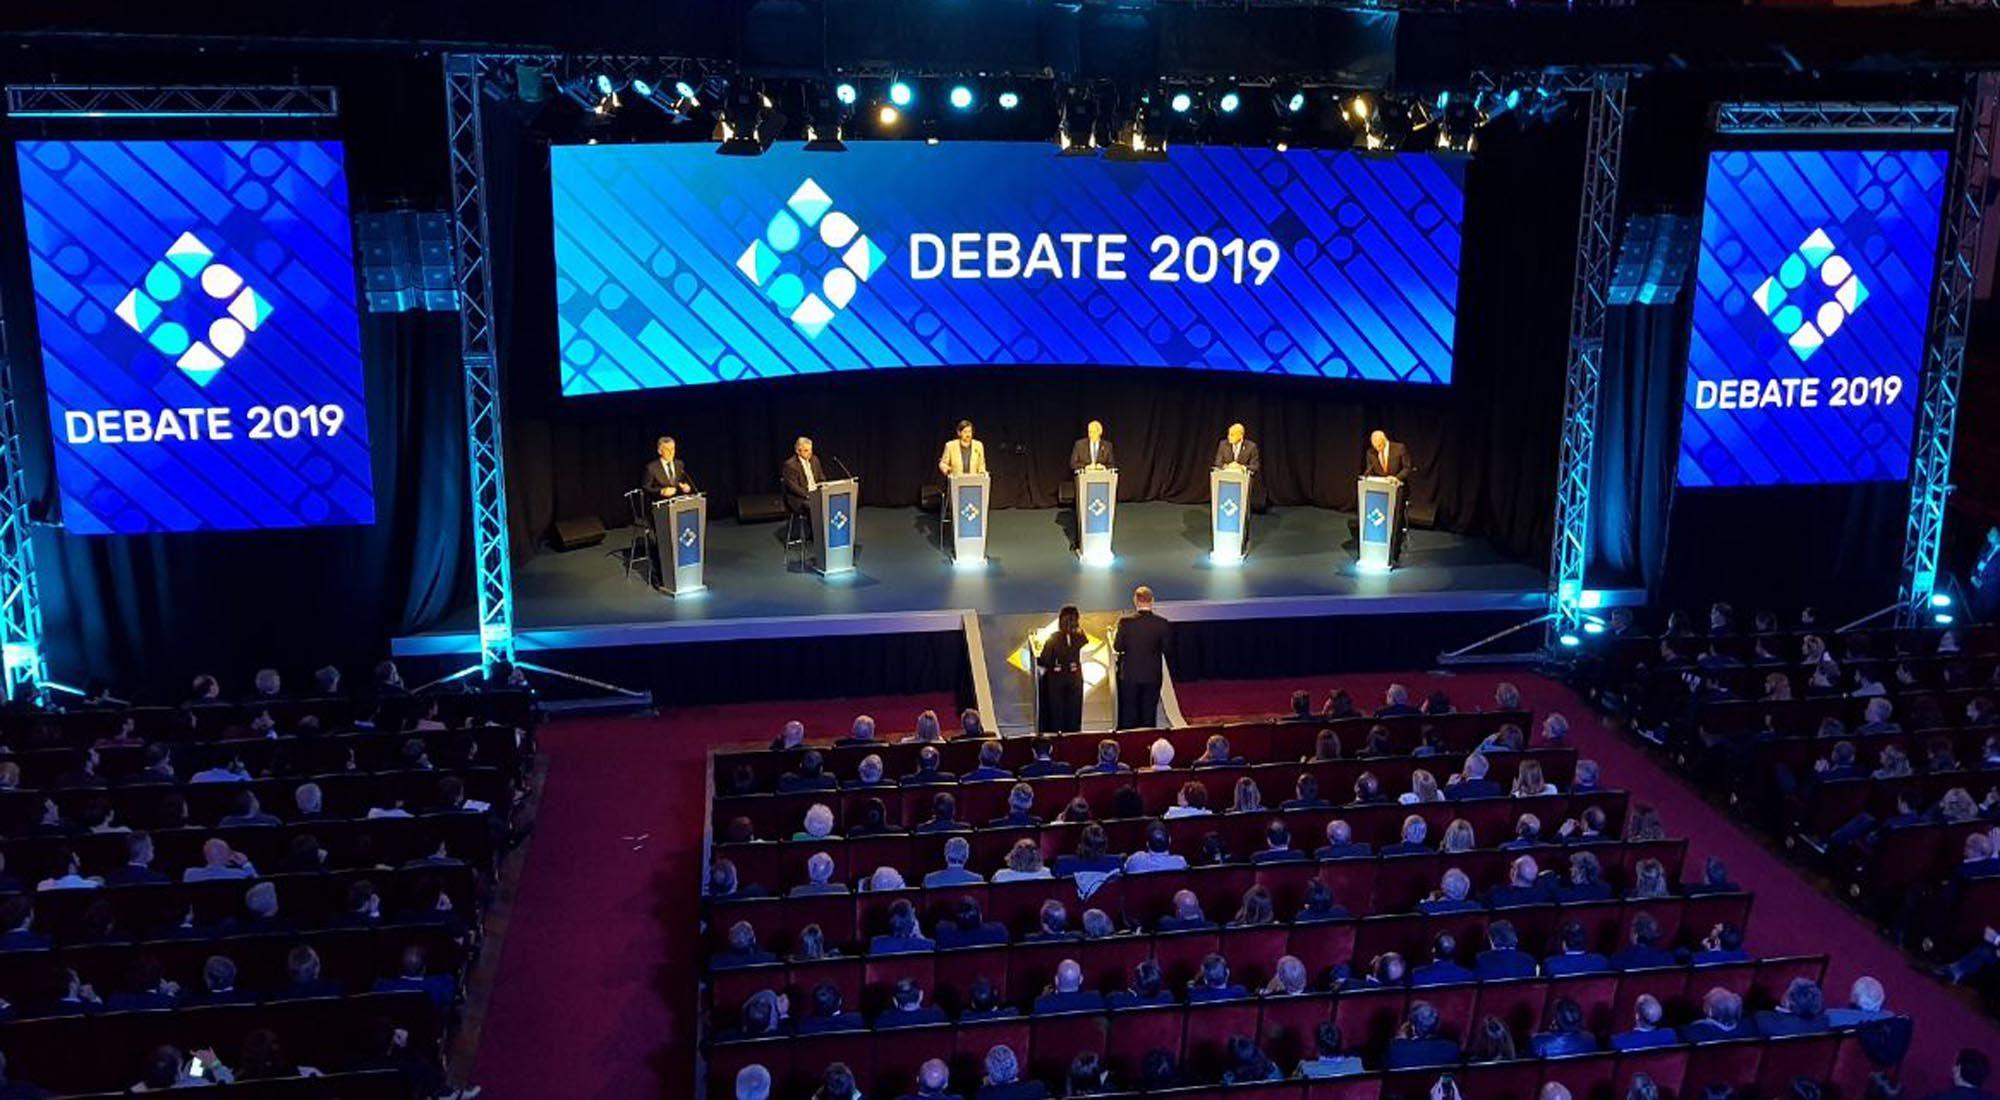 invitados especiales y colaboradores en el debate_g 20191020  Enlace: invitados-especiales-y-colaboradores-en-el-debateg-20191020-794350